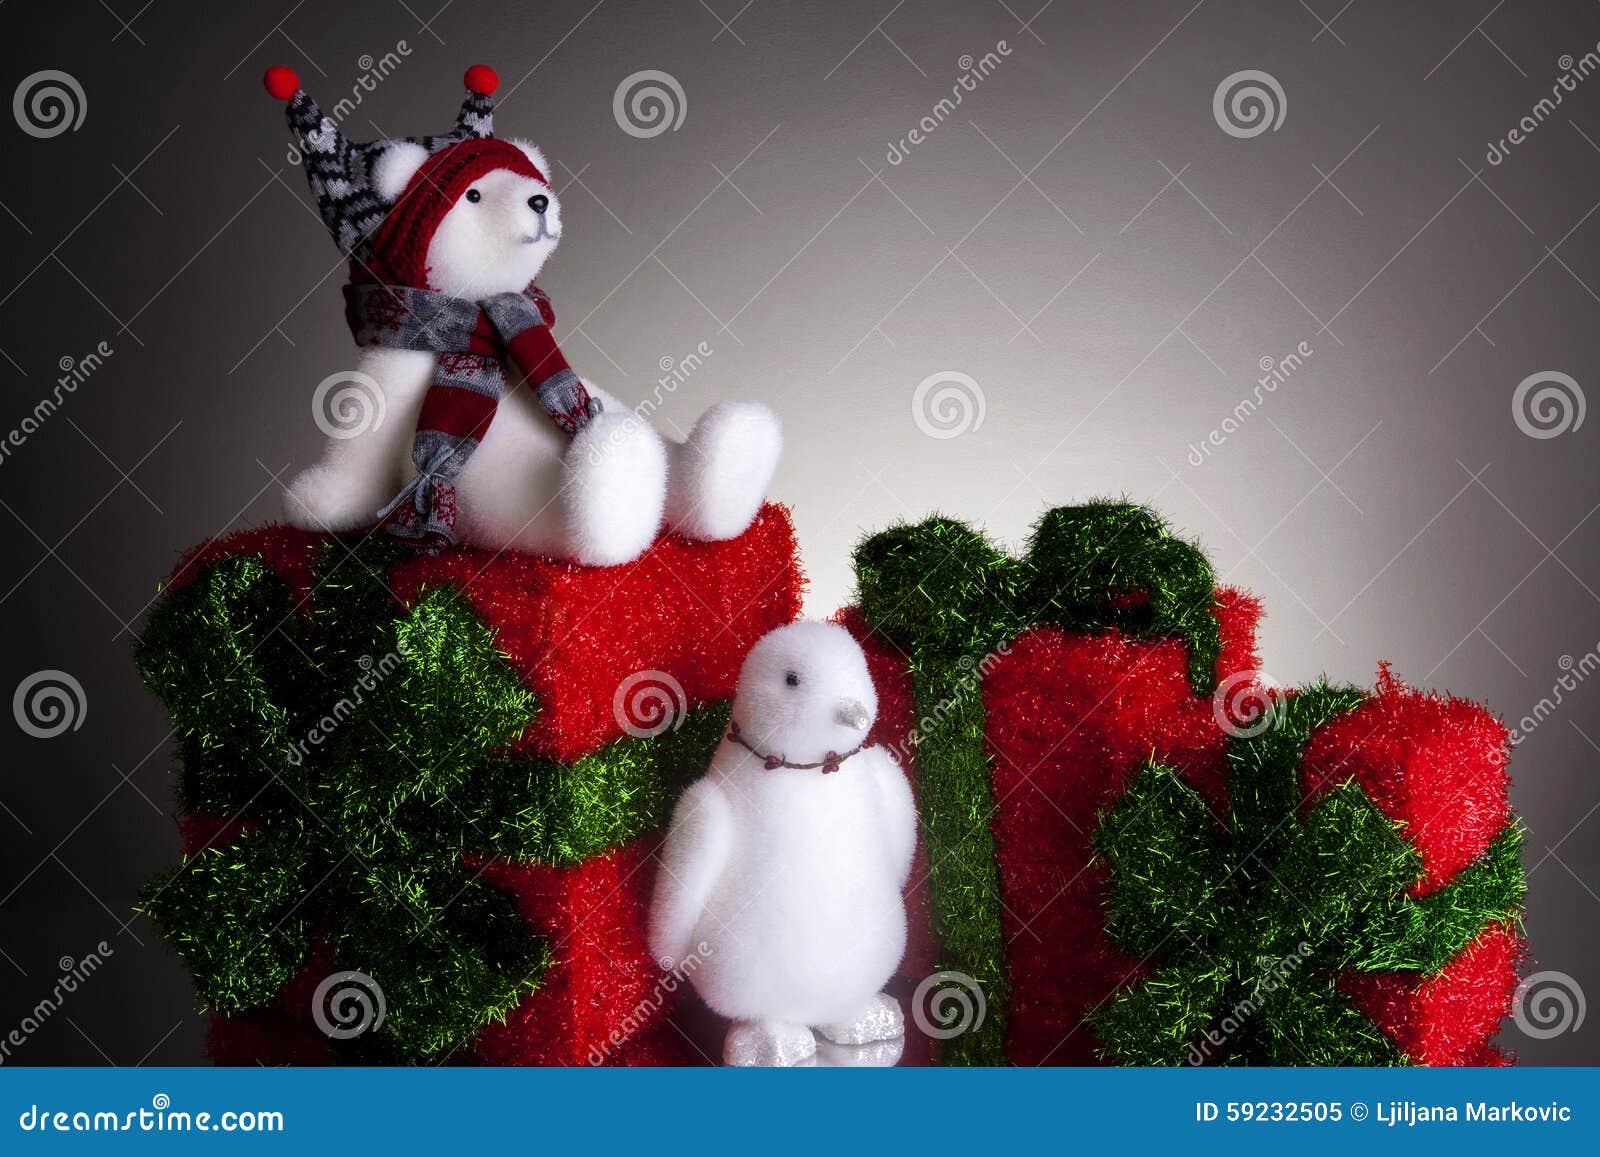 Download Regalos De Navidad Con El Oso Polar Mullido Y Un Pingüino Imagen de archivo - Imagen de gráfico, frío: 59232505